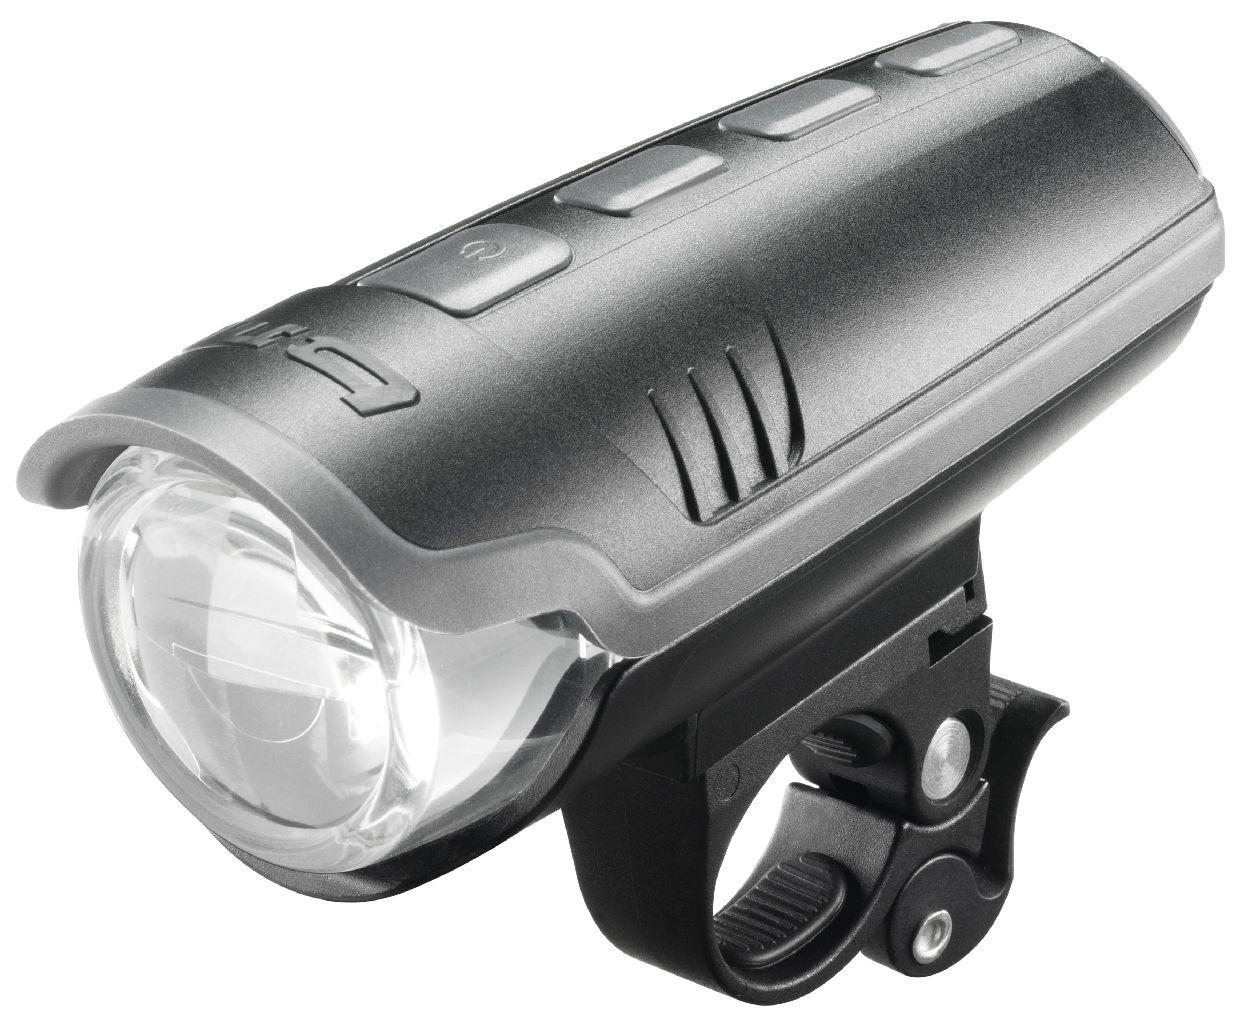 B&M Frontlicht IXON PURE ohne Zubehör - Bikedreams & Dustbikes